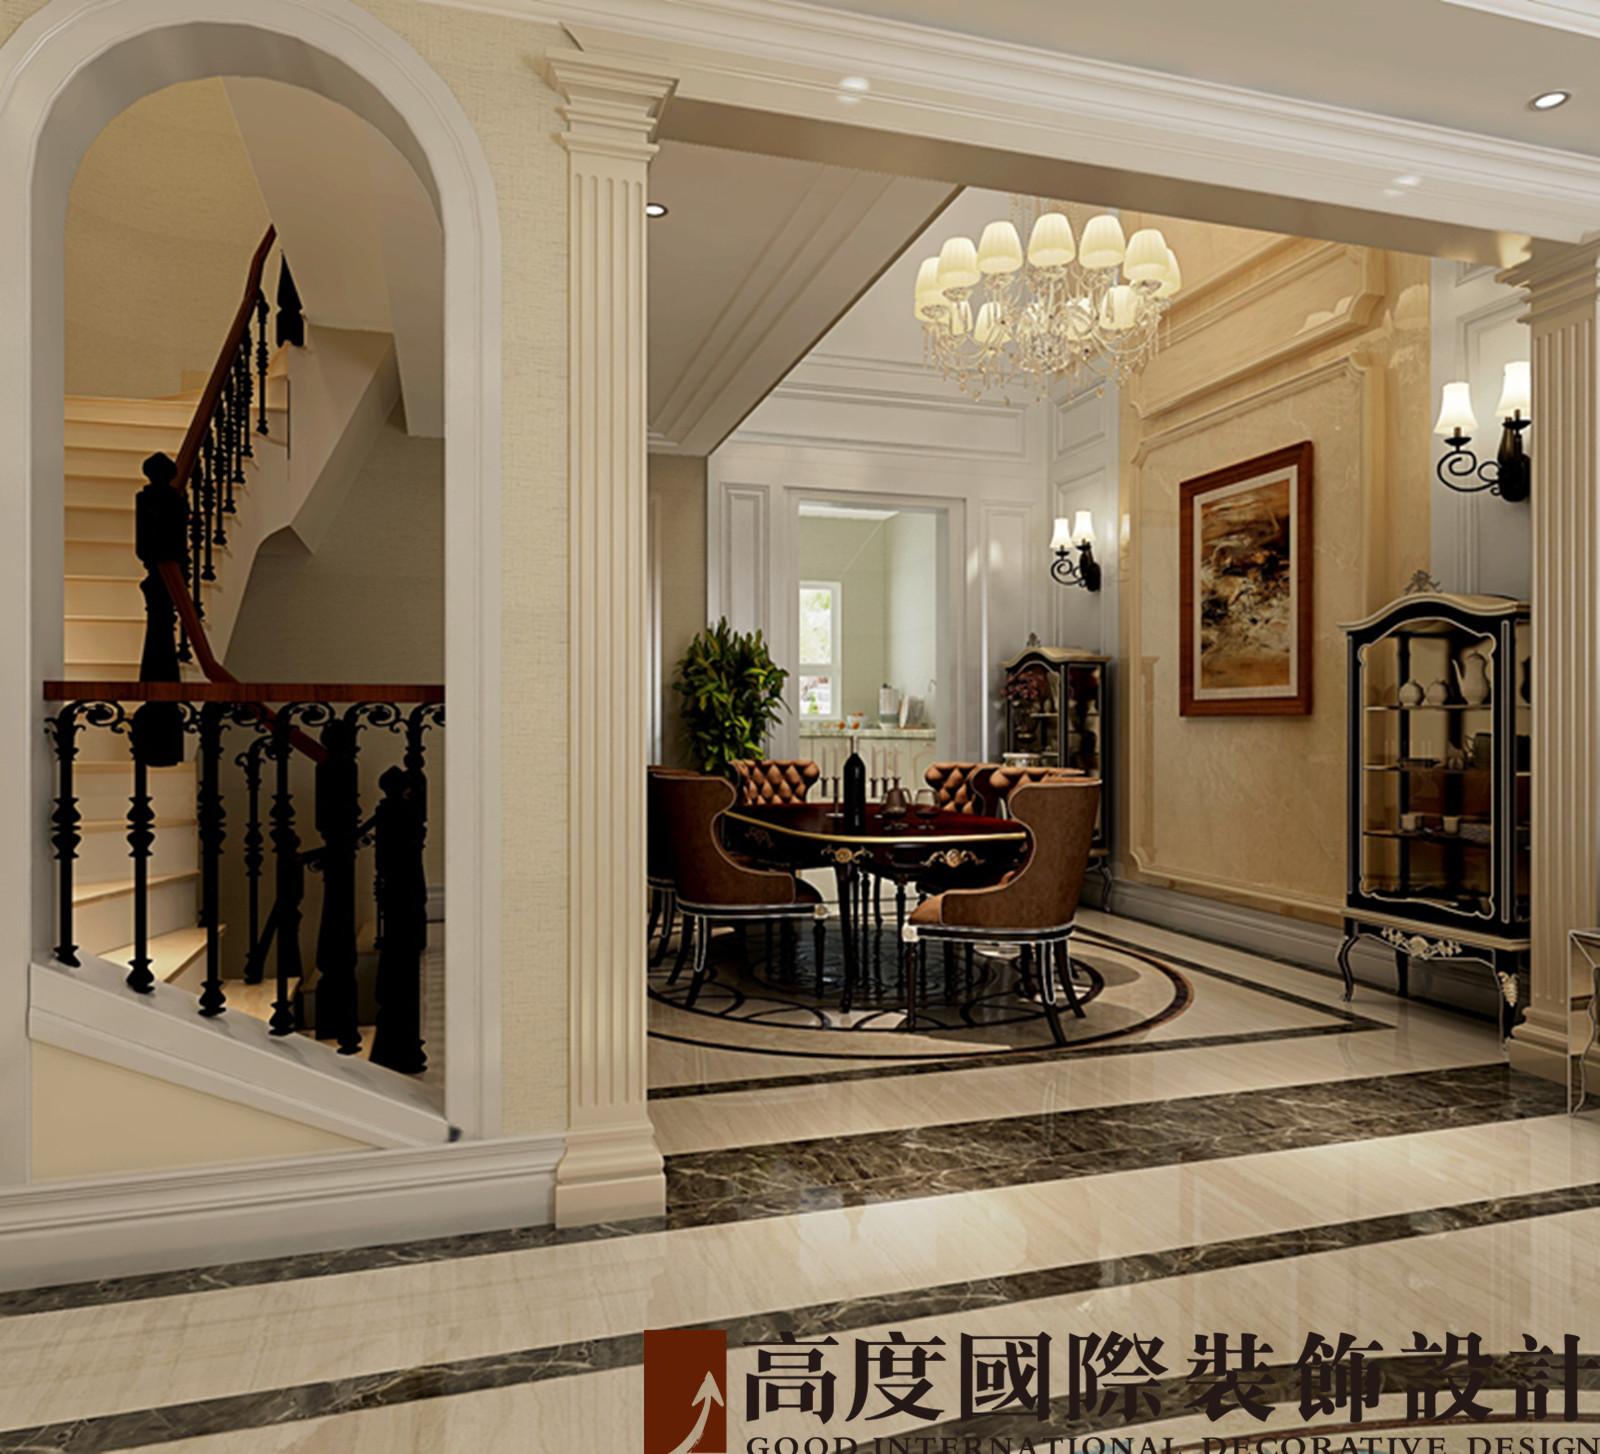 别墅 法式 联排 餐厅图片来自高度国际装饰宋增会在龙湖长桥墅300平米法式的分享